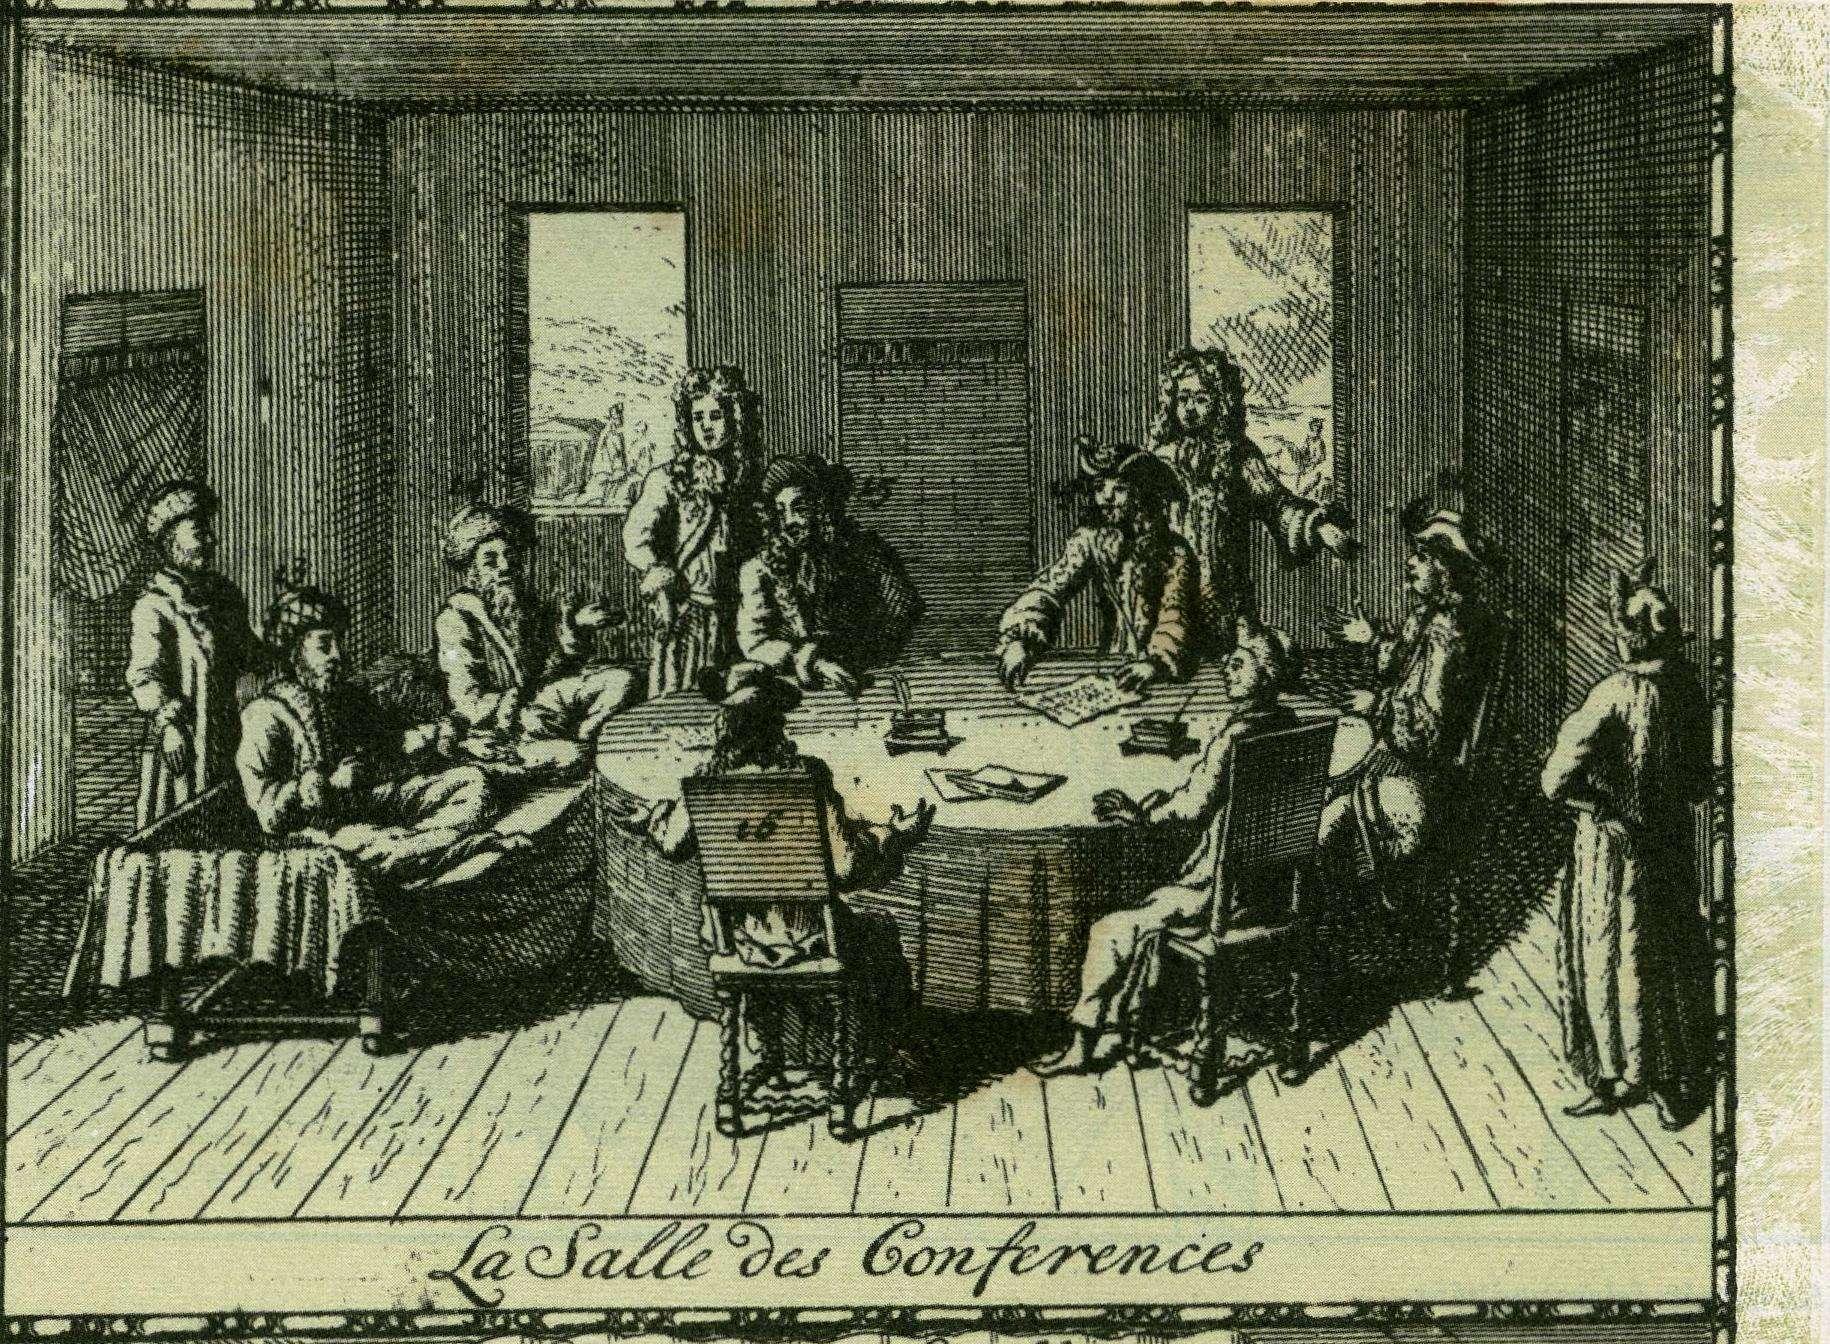 Η Συνθήκη του Κάρλοβιτς ήταν μια διεθνής συνθήκη ειρήνης που υπογράφηκε στις 26 Ιανουαρίου 1699 στο Σρέμσκι Καρλόβτσι (κυριλλικά σερβικά: Сремски Карловци, κροατικά: Srijemski Karlovci, γερμανικά: Karlowitz, τουρκικά: Karlofça, ουγγρικά: Karlóca), μια πόλη στη σημερινή Σερβία. Η συνθήκη τερμάτισε τον αυστροοθωμανικό πόλεμο του 1683-1697 στον οποίο οι Οθωμανοί ηττήθηκαν